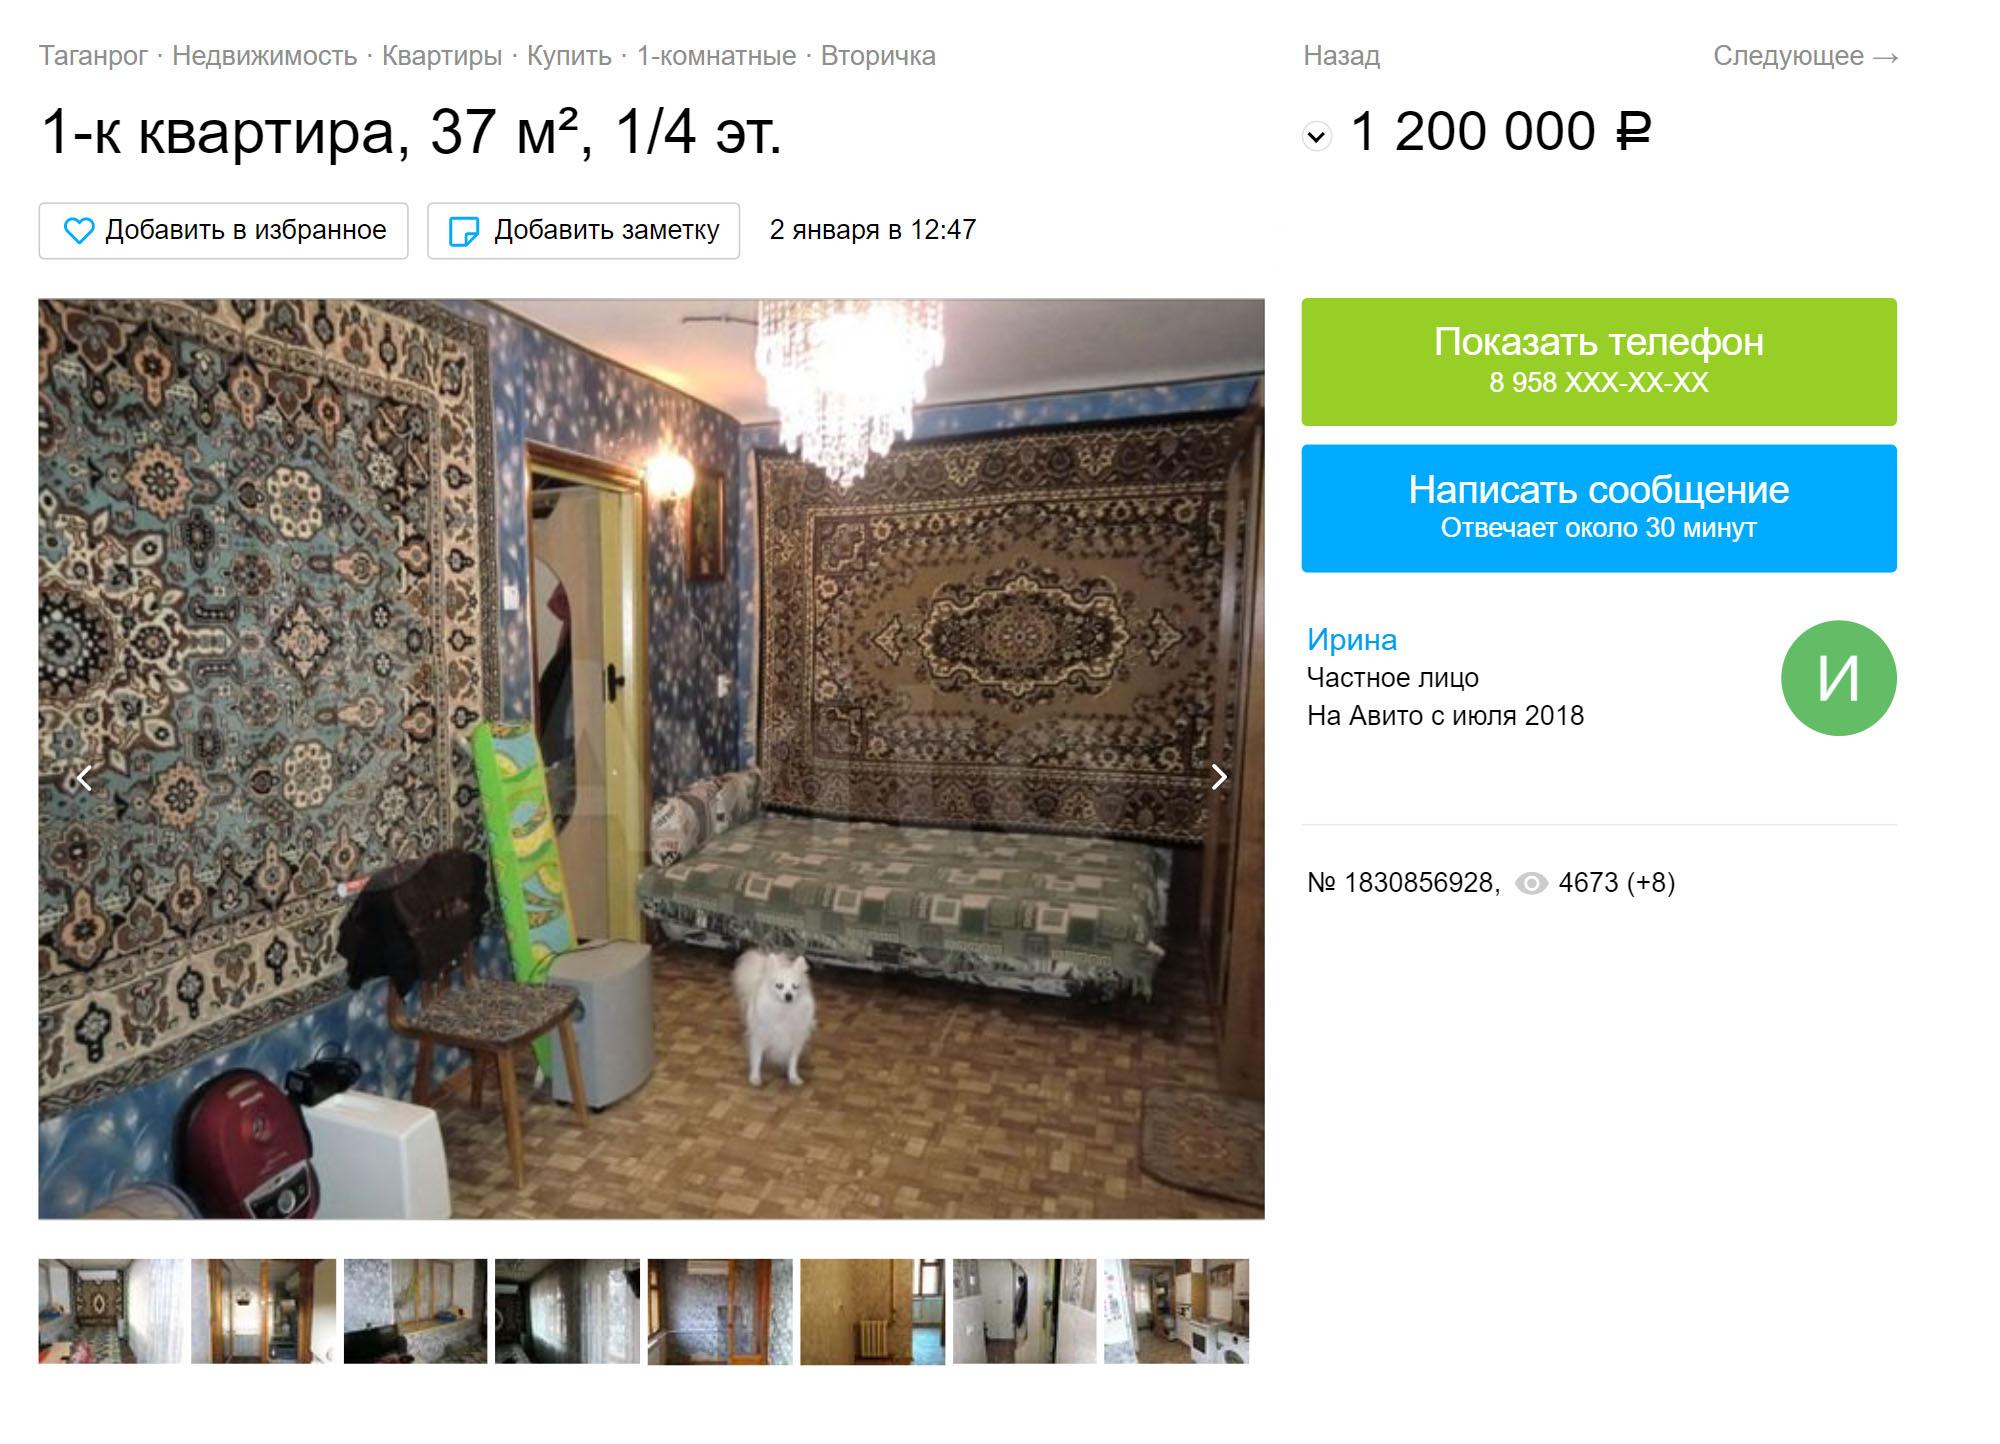 Однокомнатная квартира на улице Пальмиро Тольятти не в самом лучшем районе, возле рощи Дубки. Таганрожцы называют это место «пьяный двор» из-за любви местных жителей к спиртному